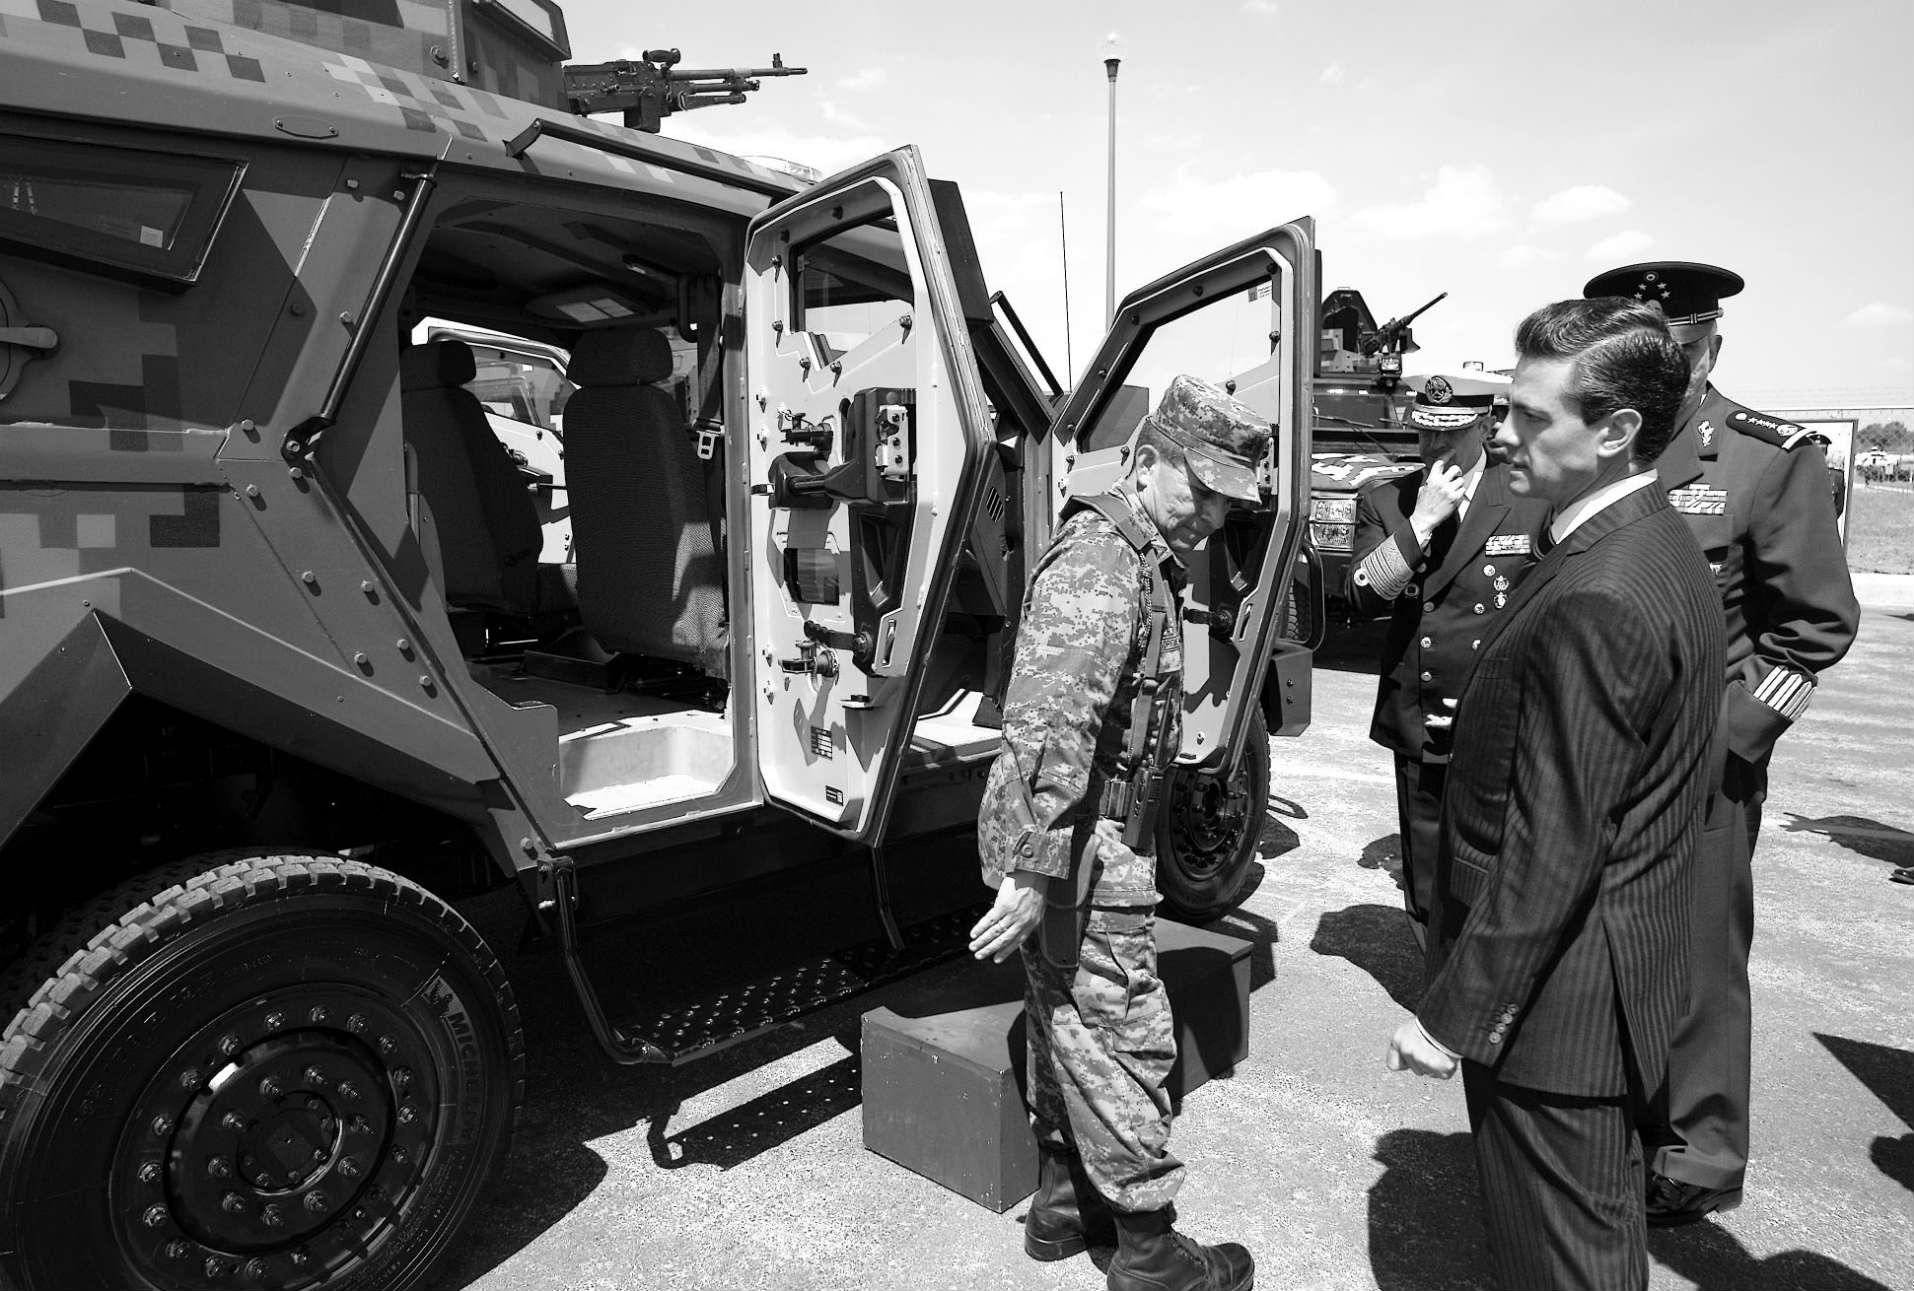 La Ley de Seguridad Interior abre la puerta al espionaje militar